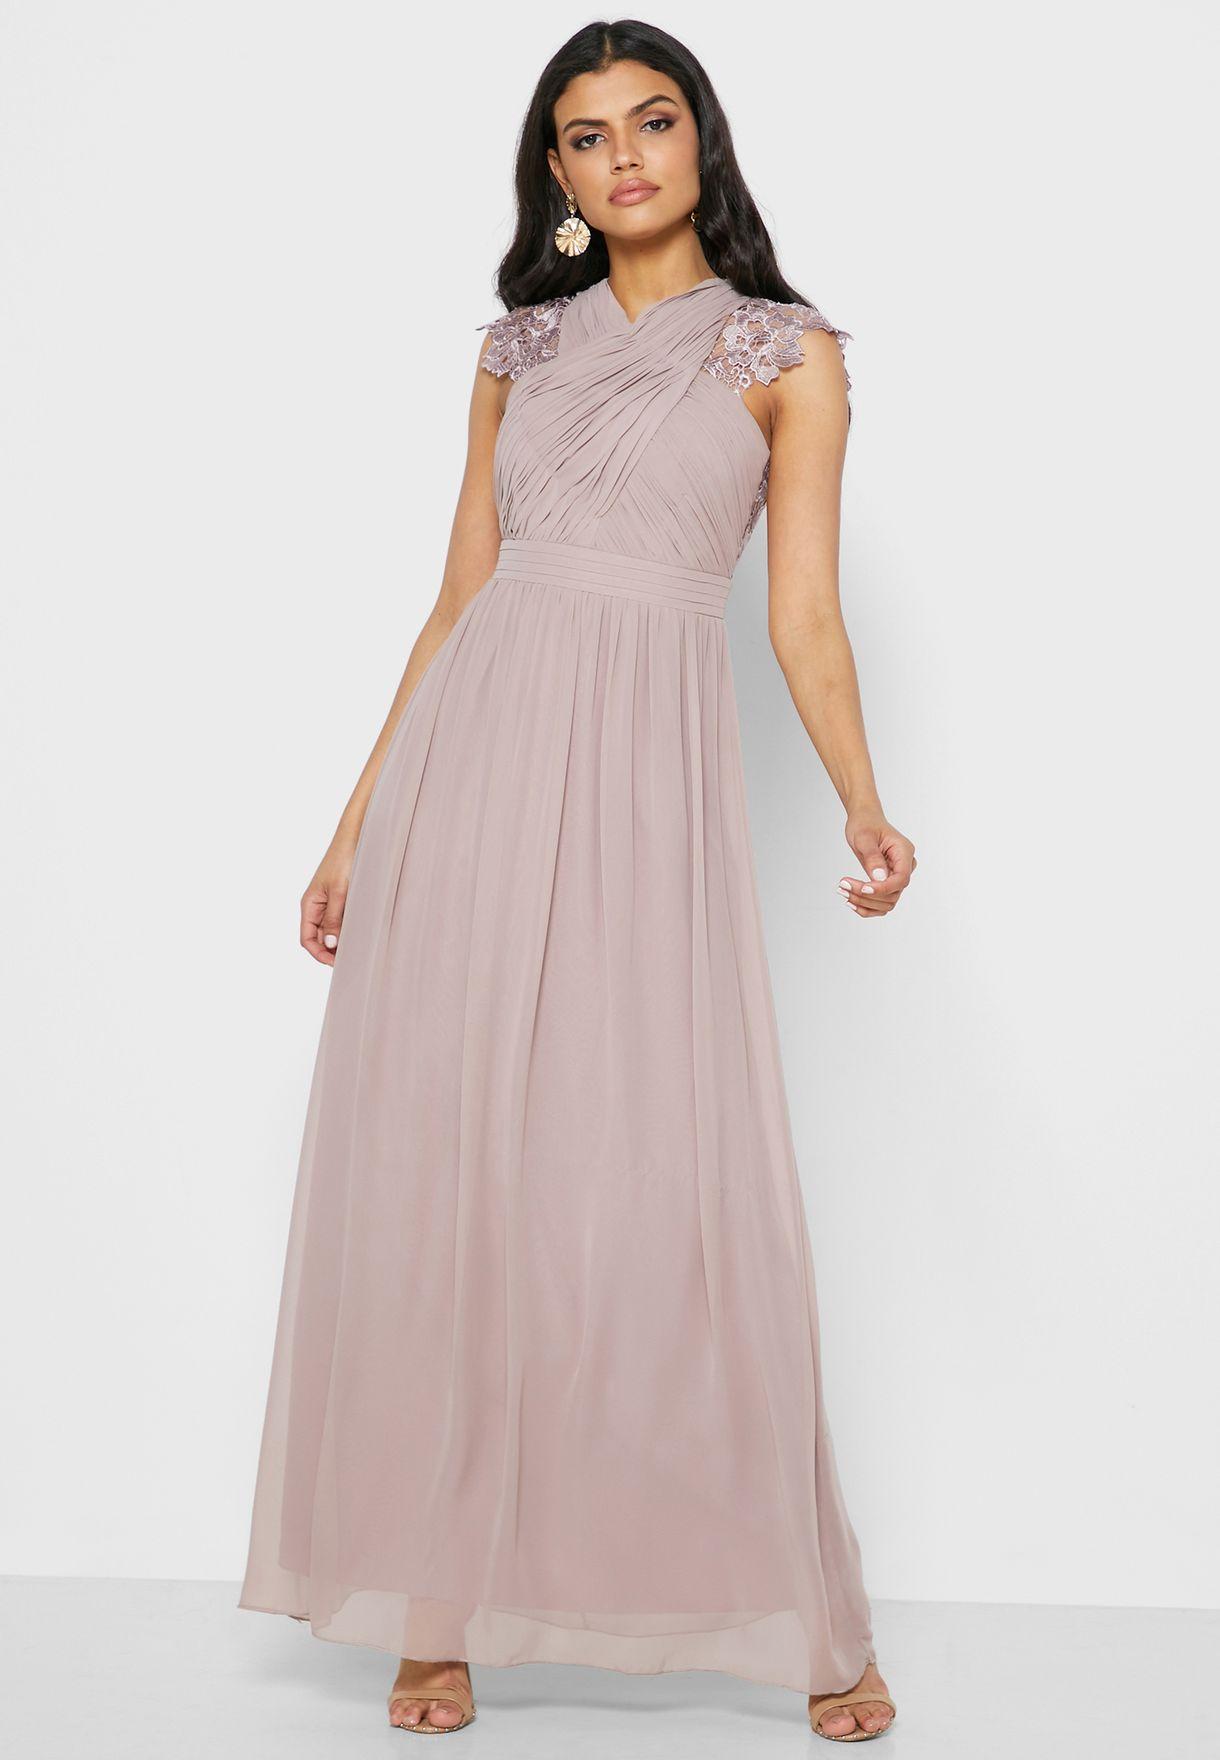 Lace Trim Cut Out Back Wrap Dress